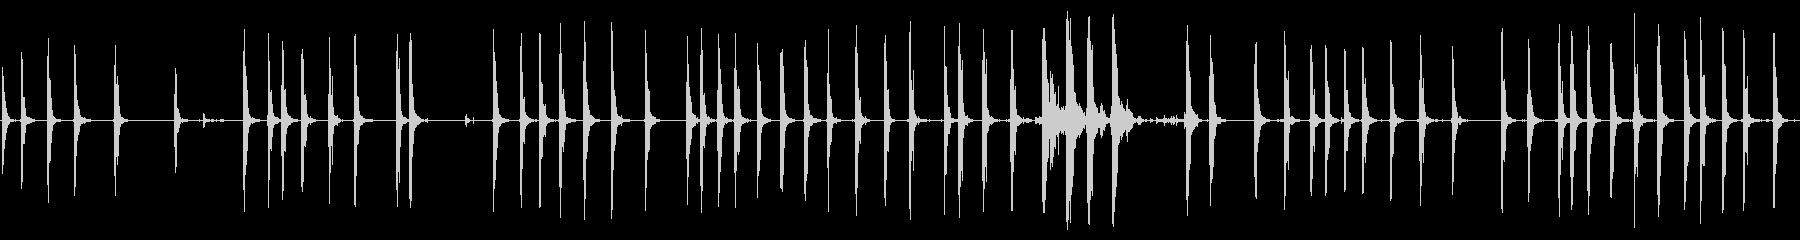 パンチングバッグヒット;低音と軽い...の未再生の波形